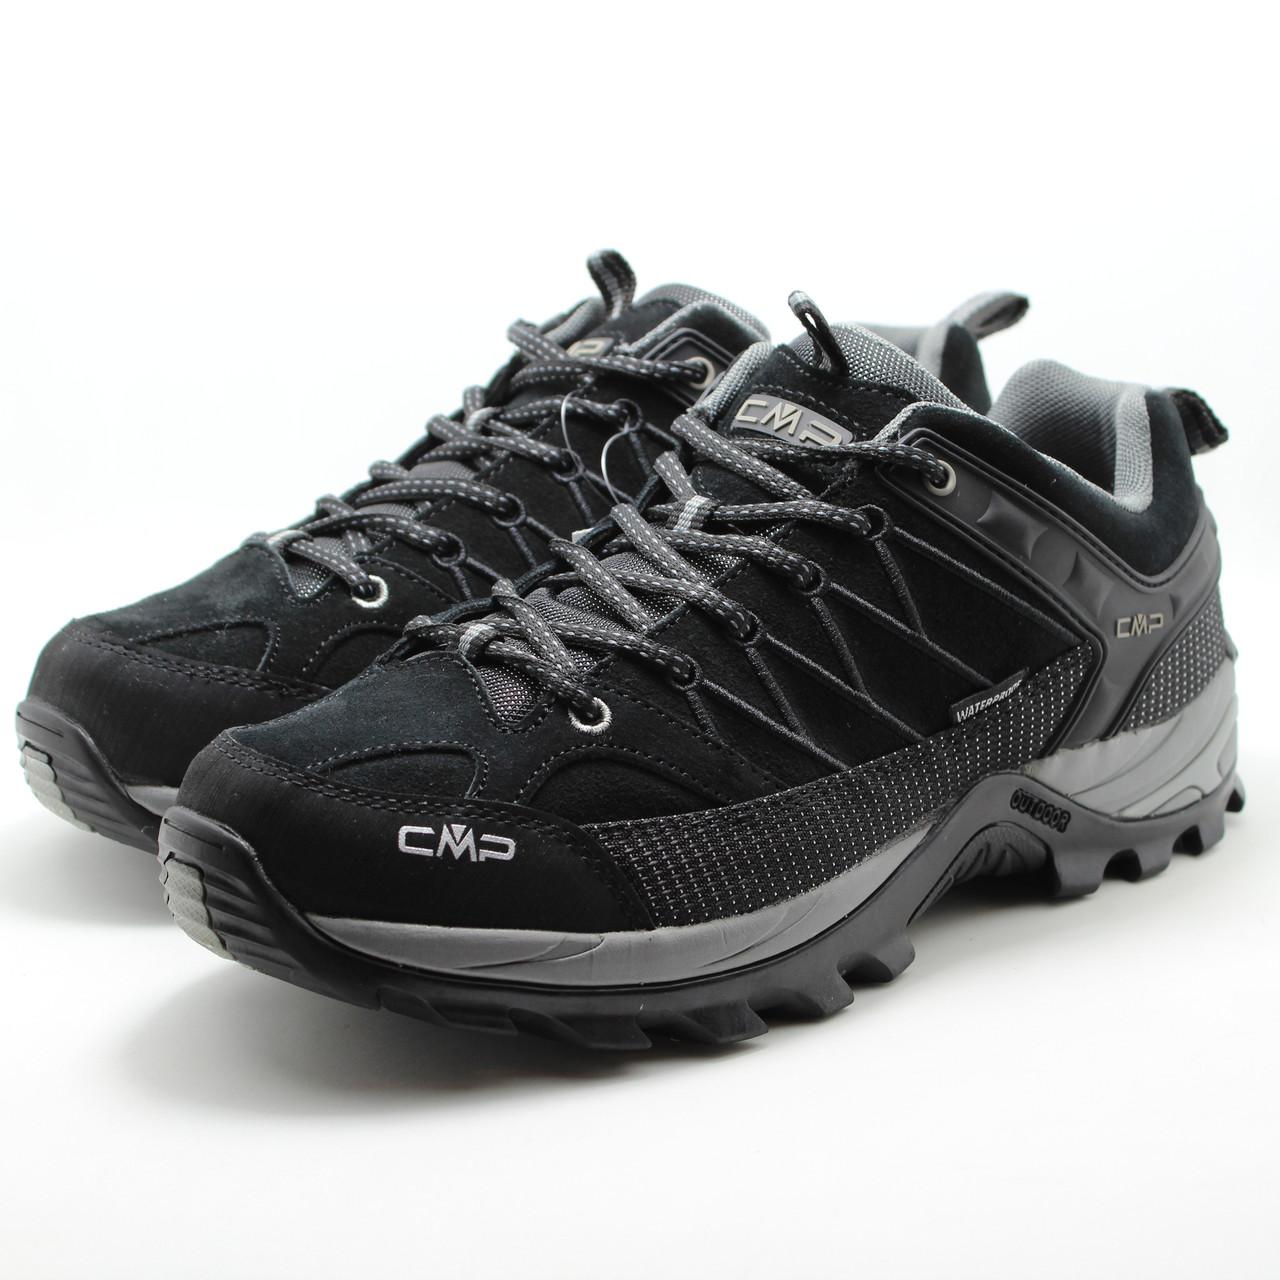 Зимние мужские трекинговые термо-кроссовки Cmp Campagnolo 3Q13247-73UC